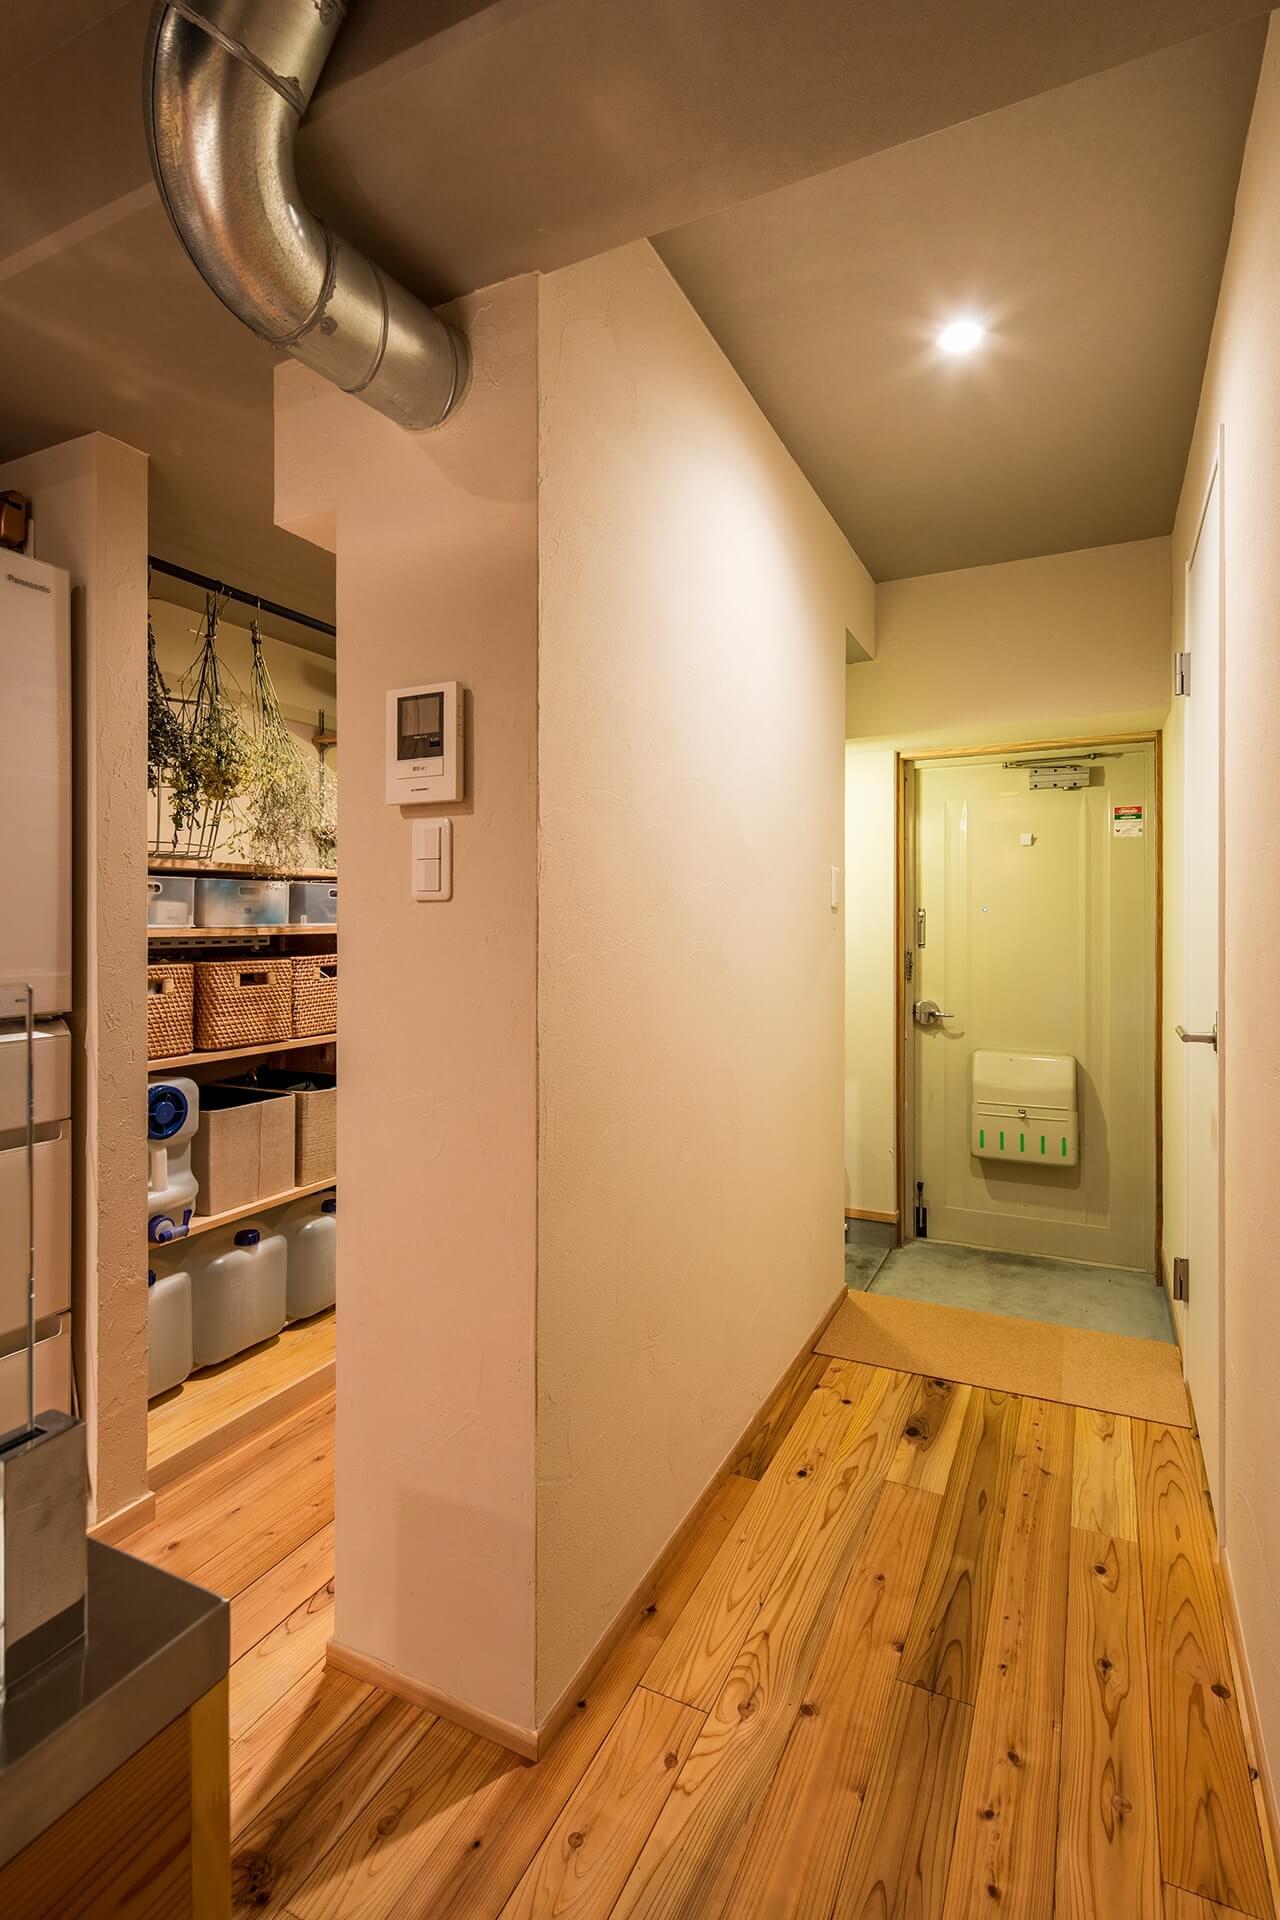 アイランドキッチンと広々 LDK の 暮らしを愉しむ家 | こだわりの自然素材・天然素材の注文住宅・リフォームの駿河屋